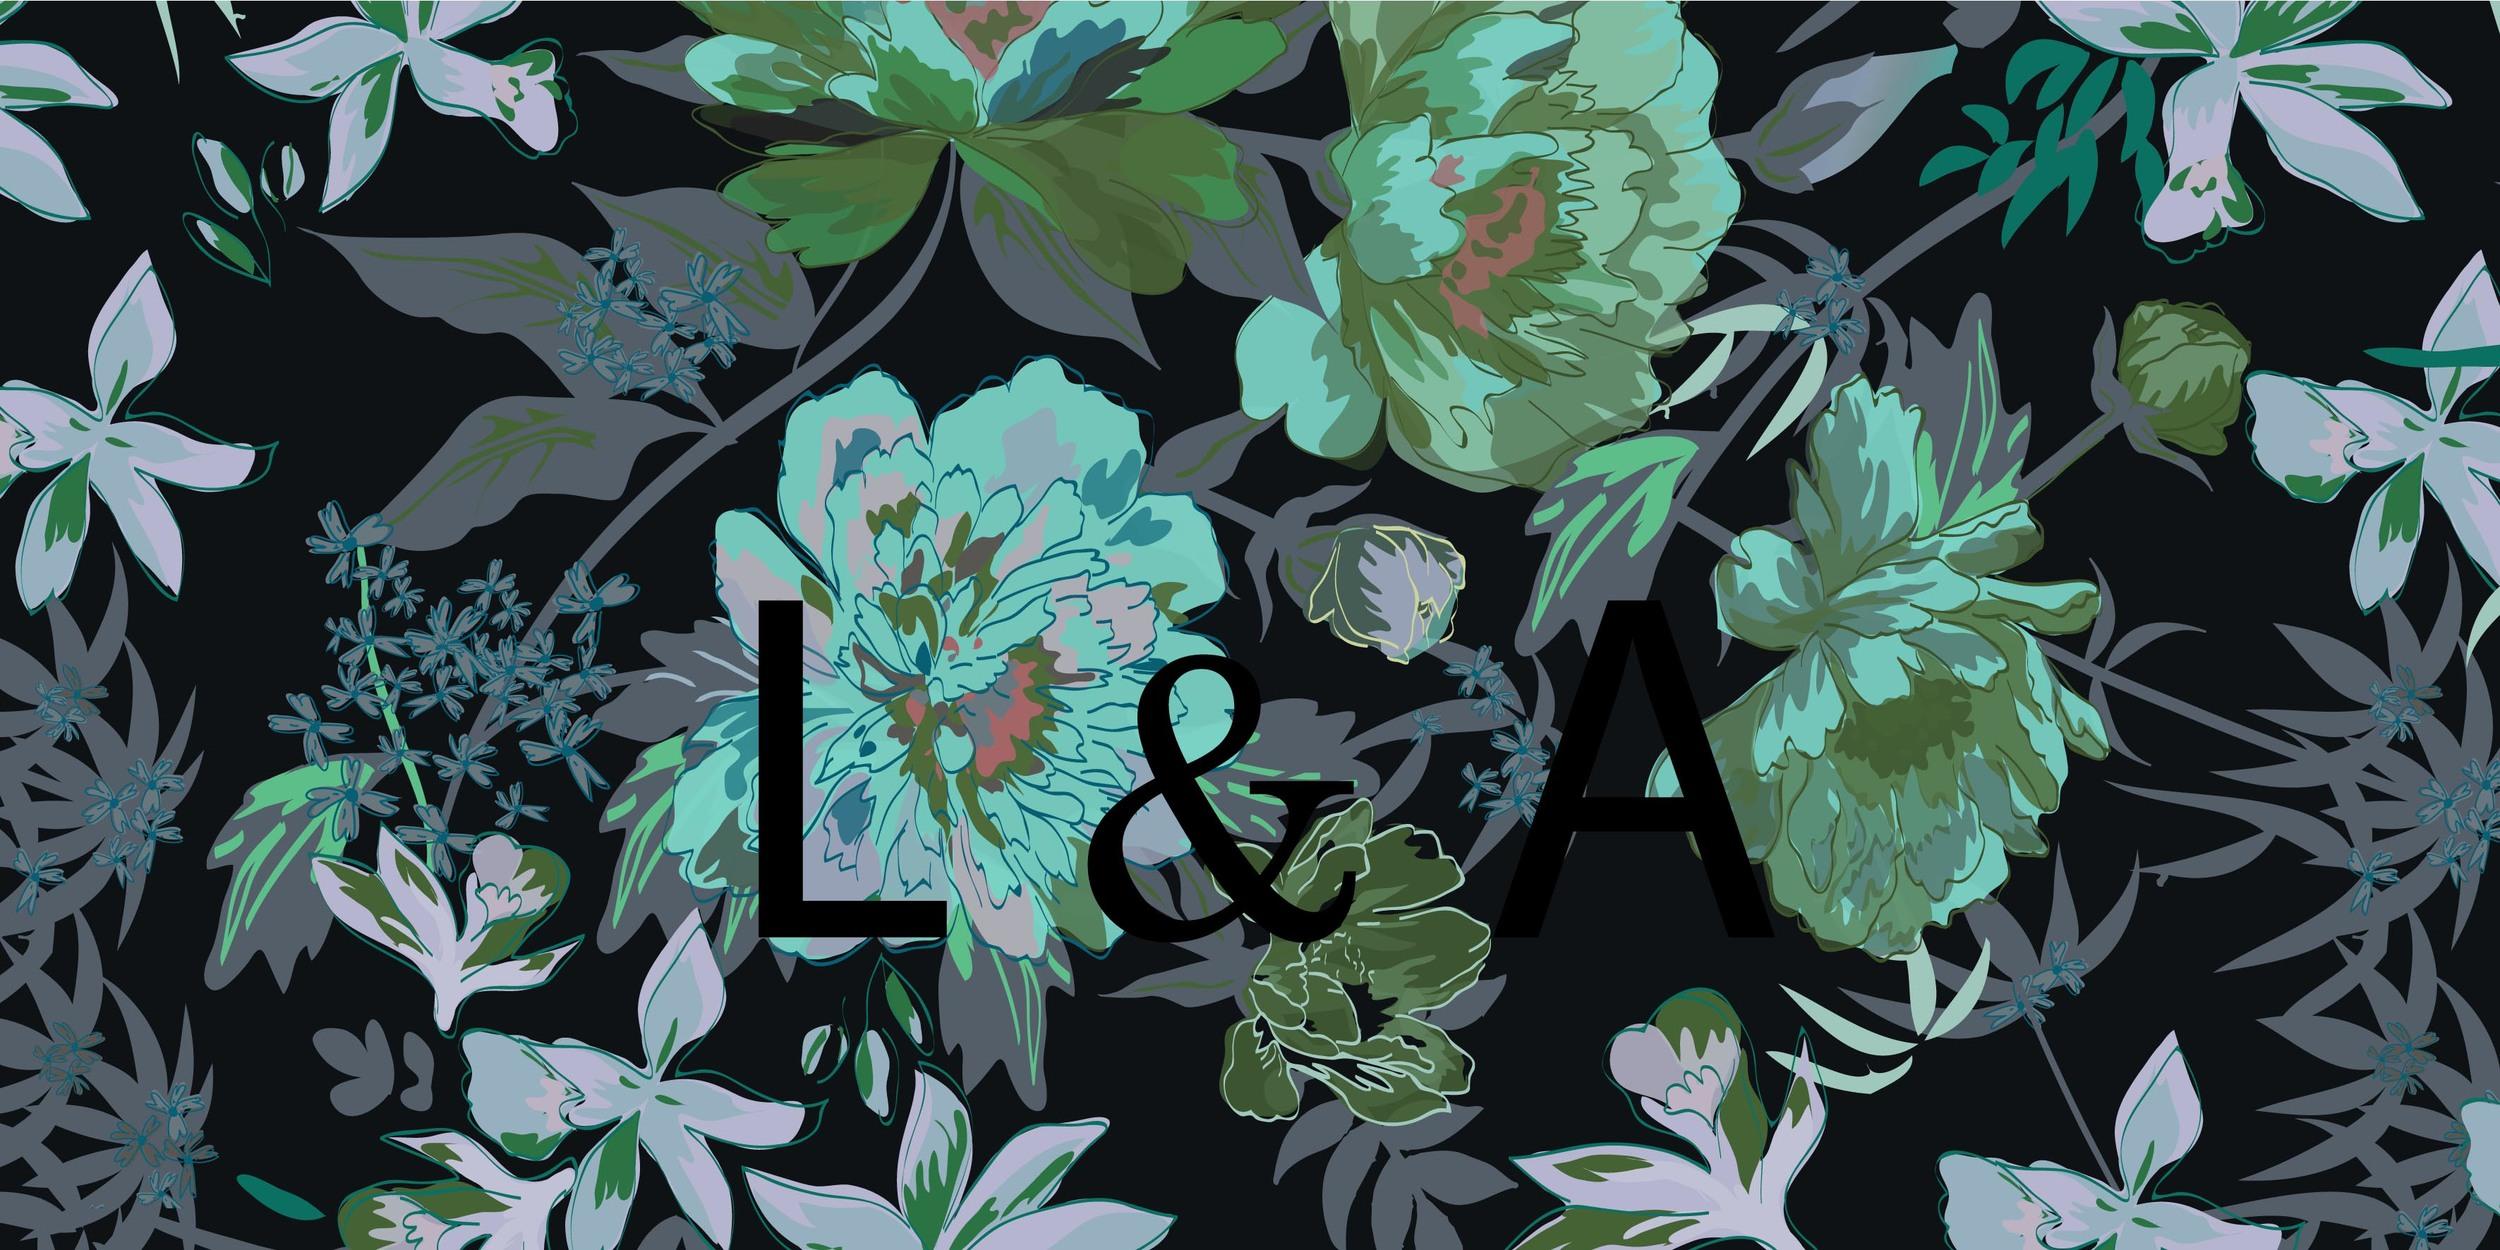 Vintage Floral Lge Dk.jpg